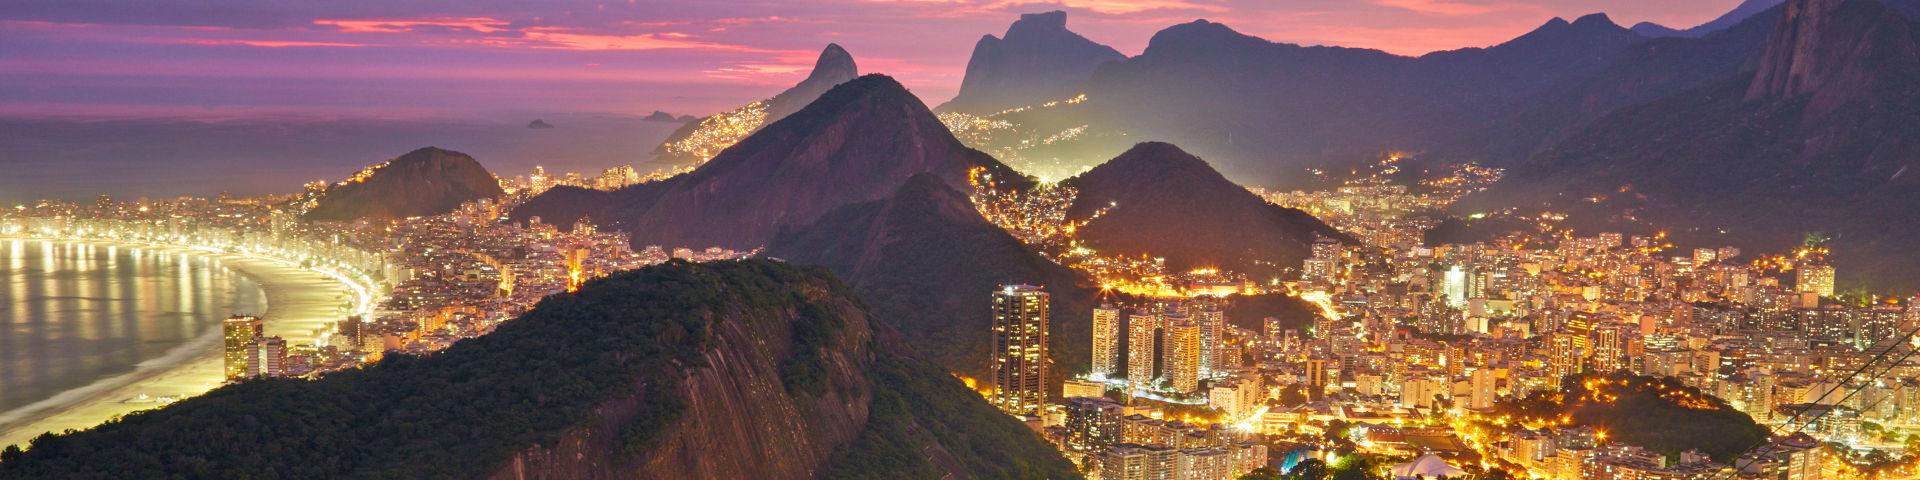 Rio de janeiro hero banner